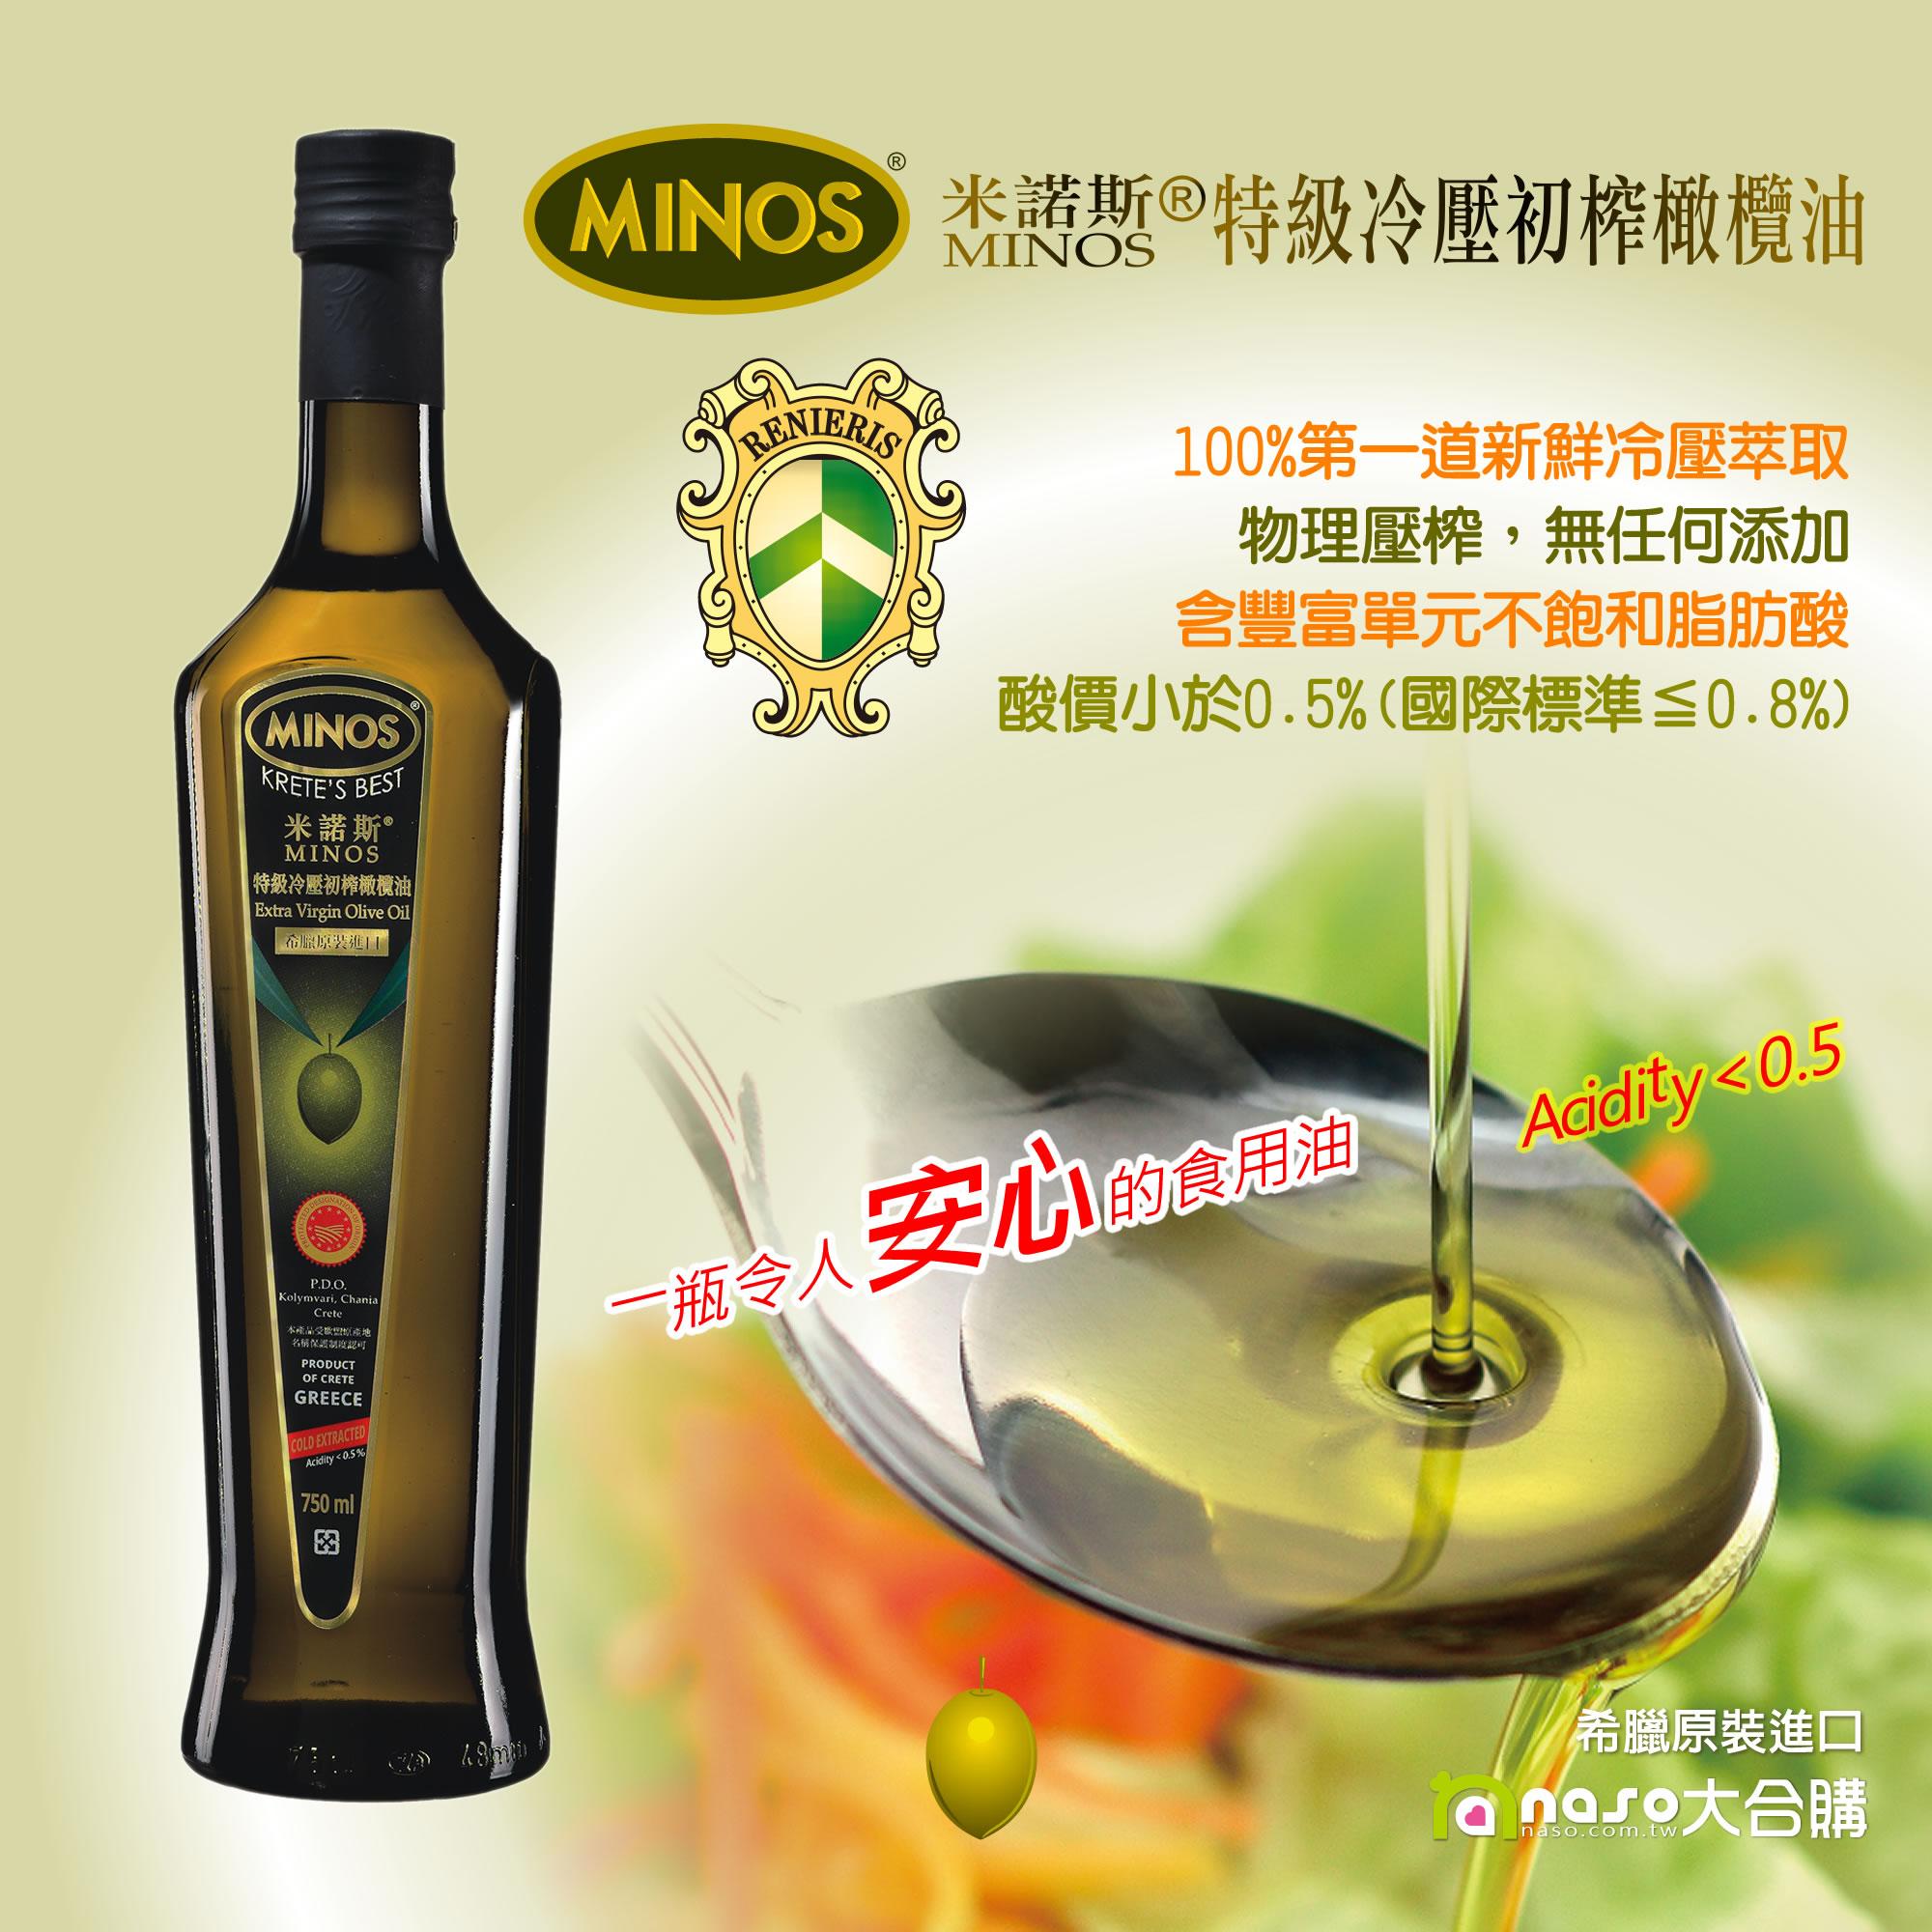 希臘原裝進口-米諾斯MINOS® 特級冷壓 初榨橄欖油 好評第6團